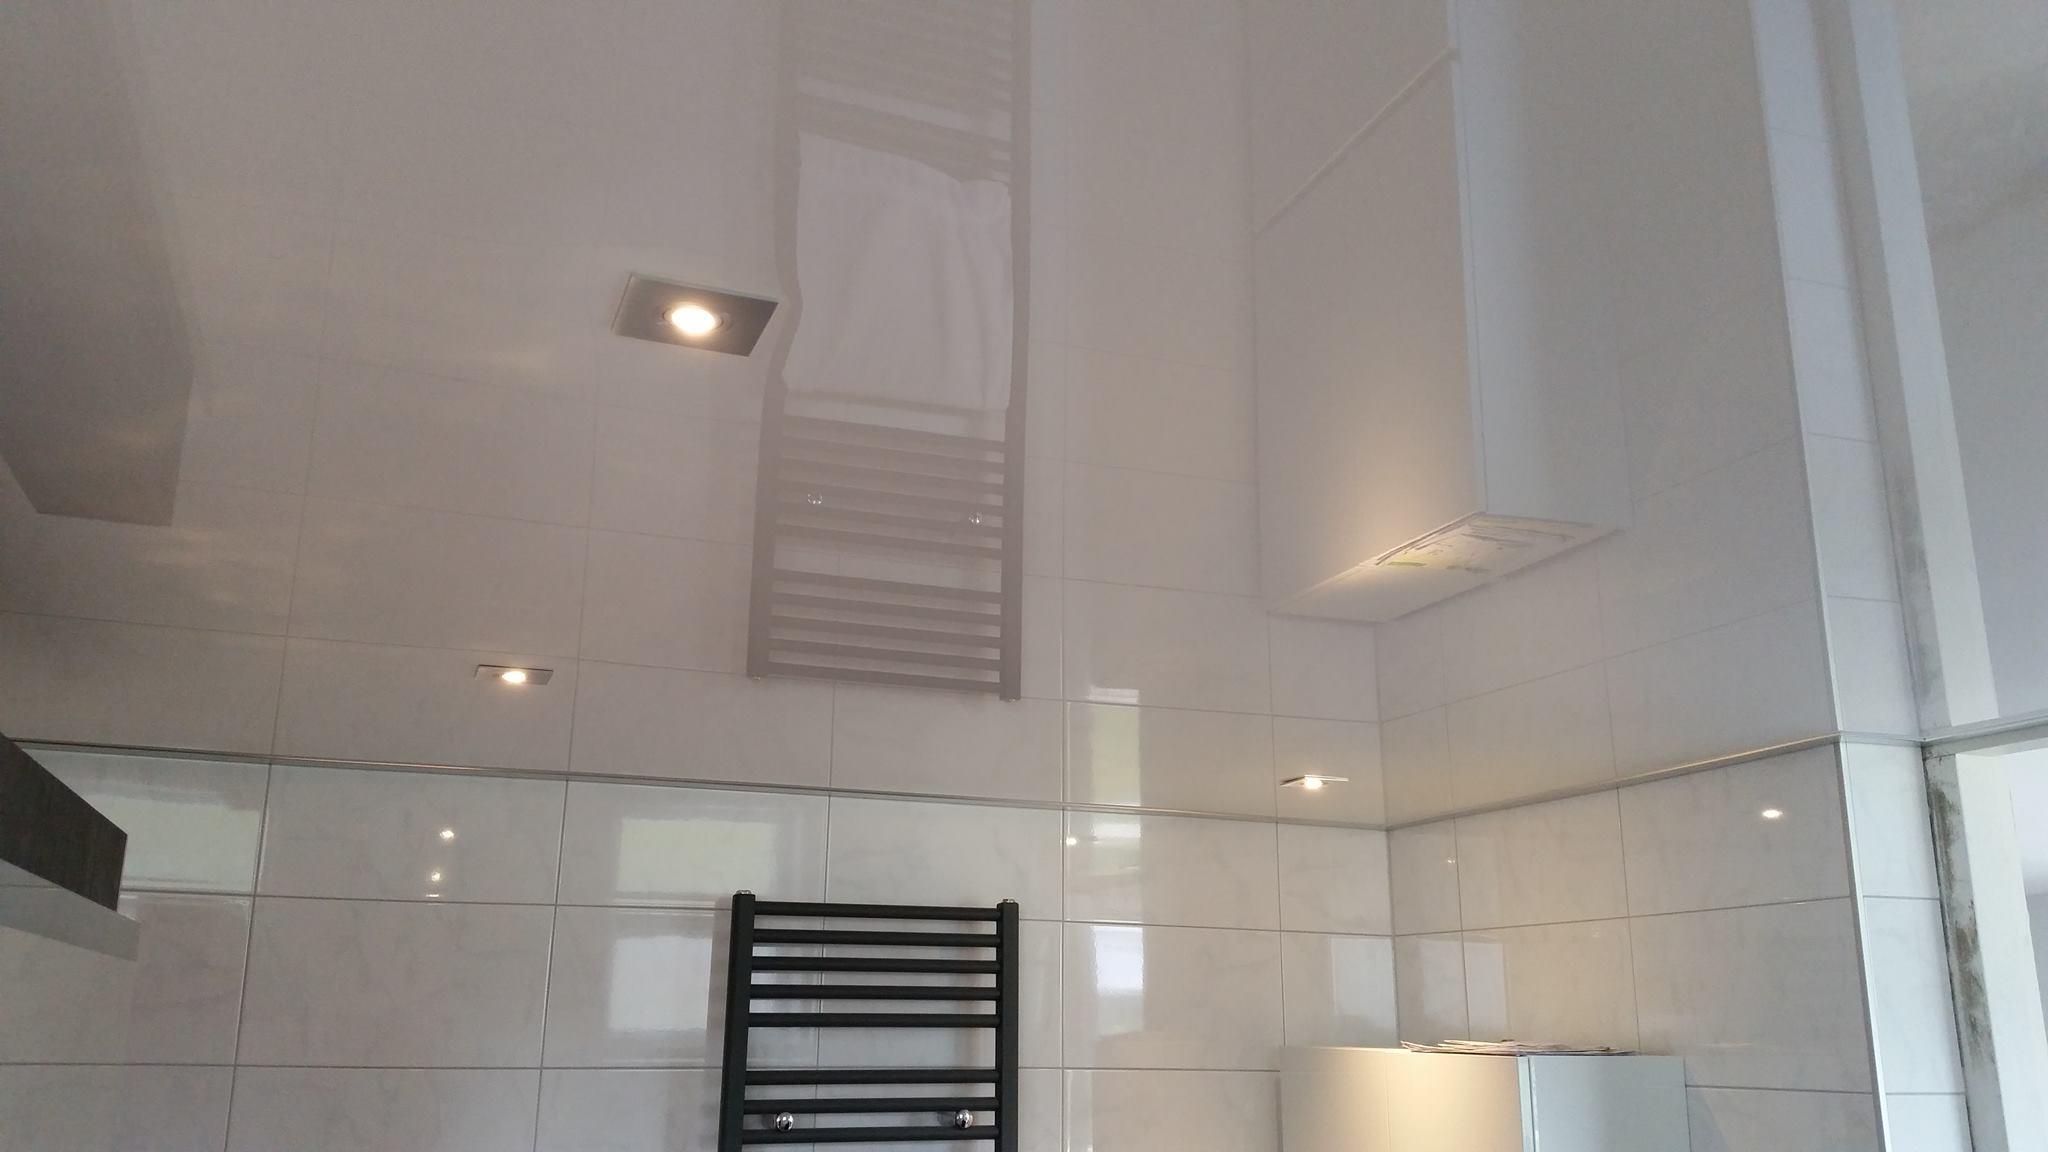 Badkamer-spanplafond-hoogglans - Badmeesters